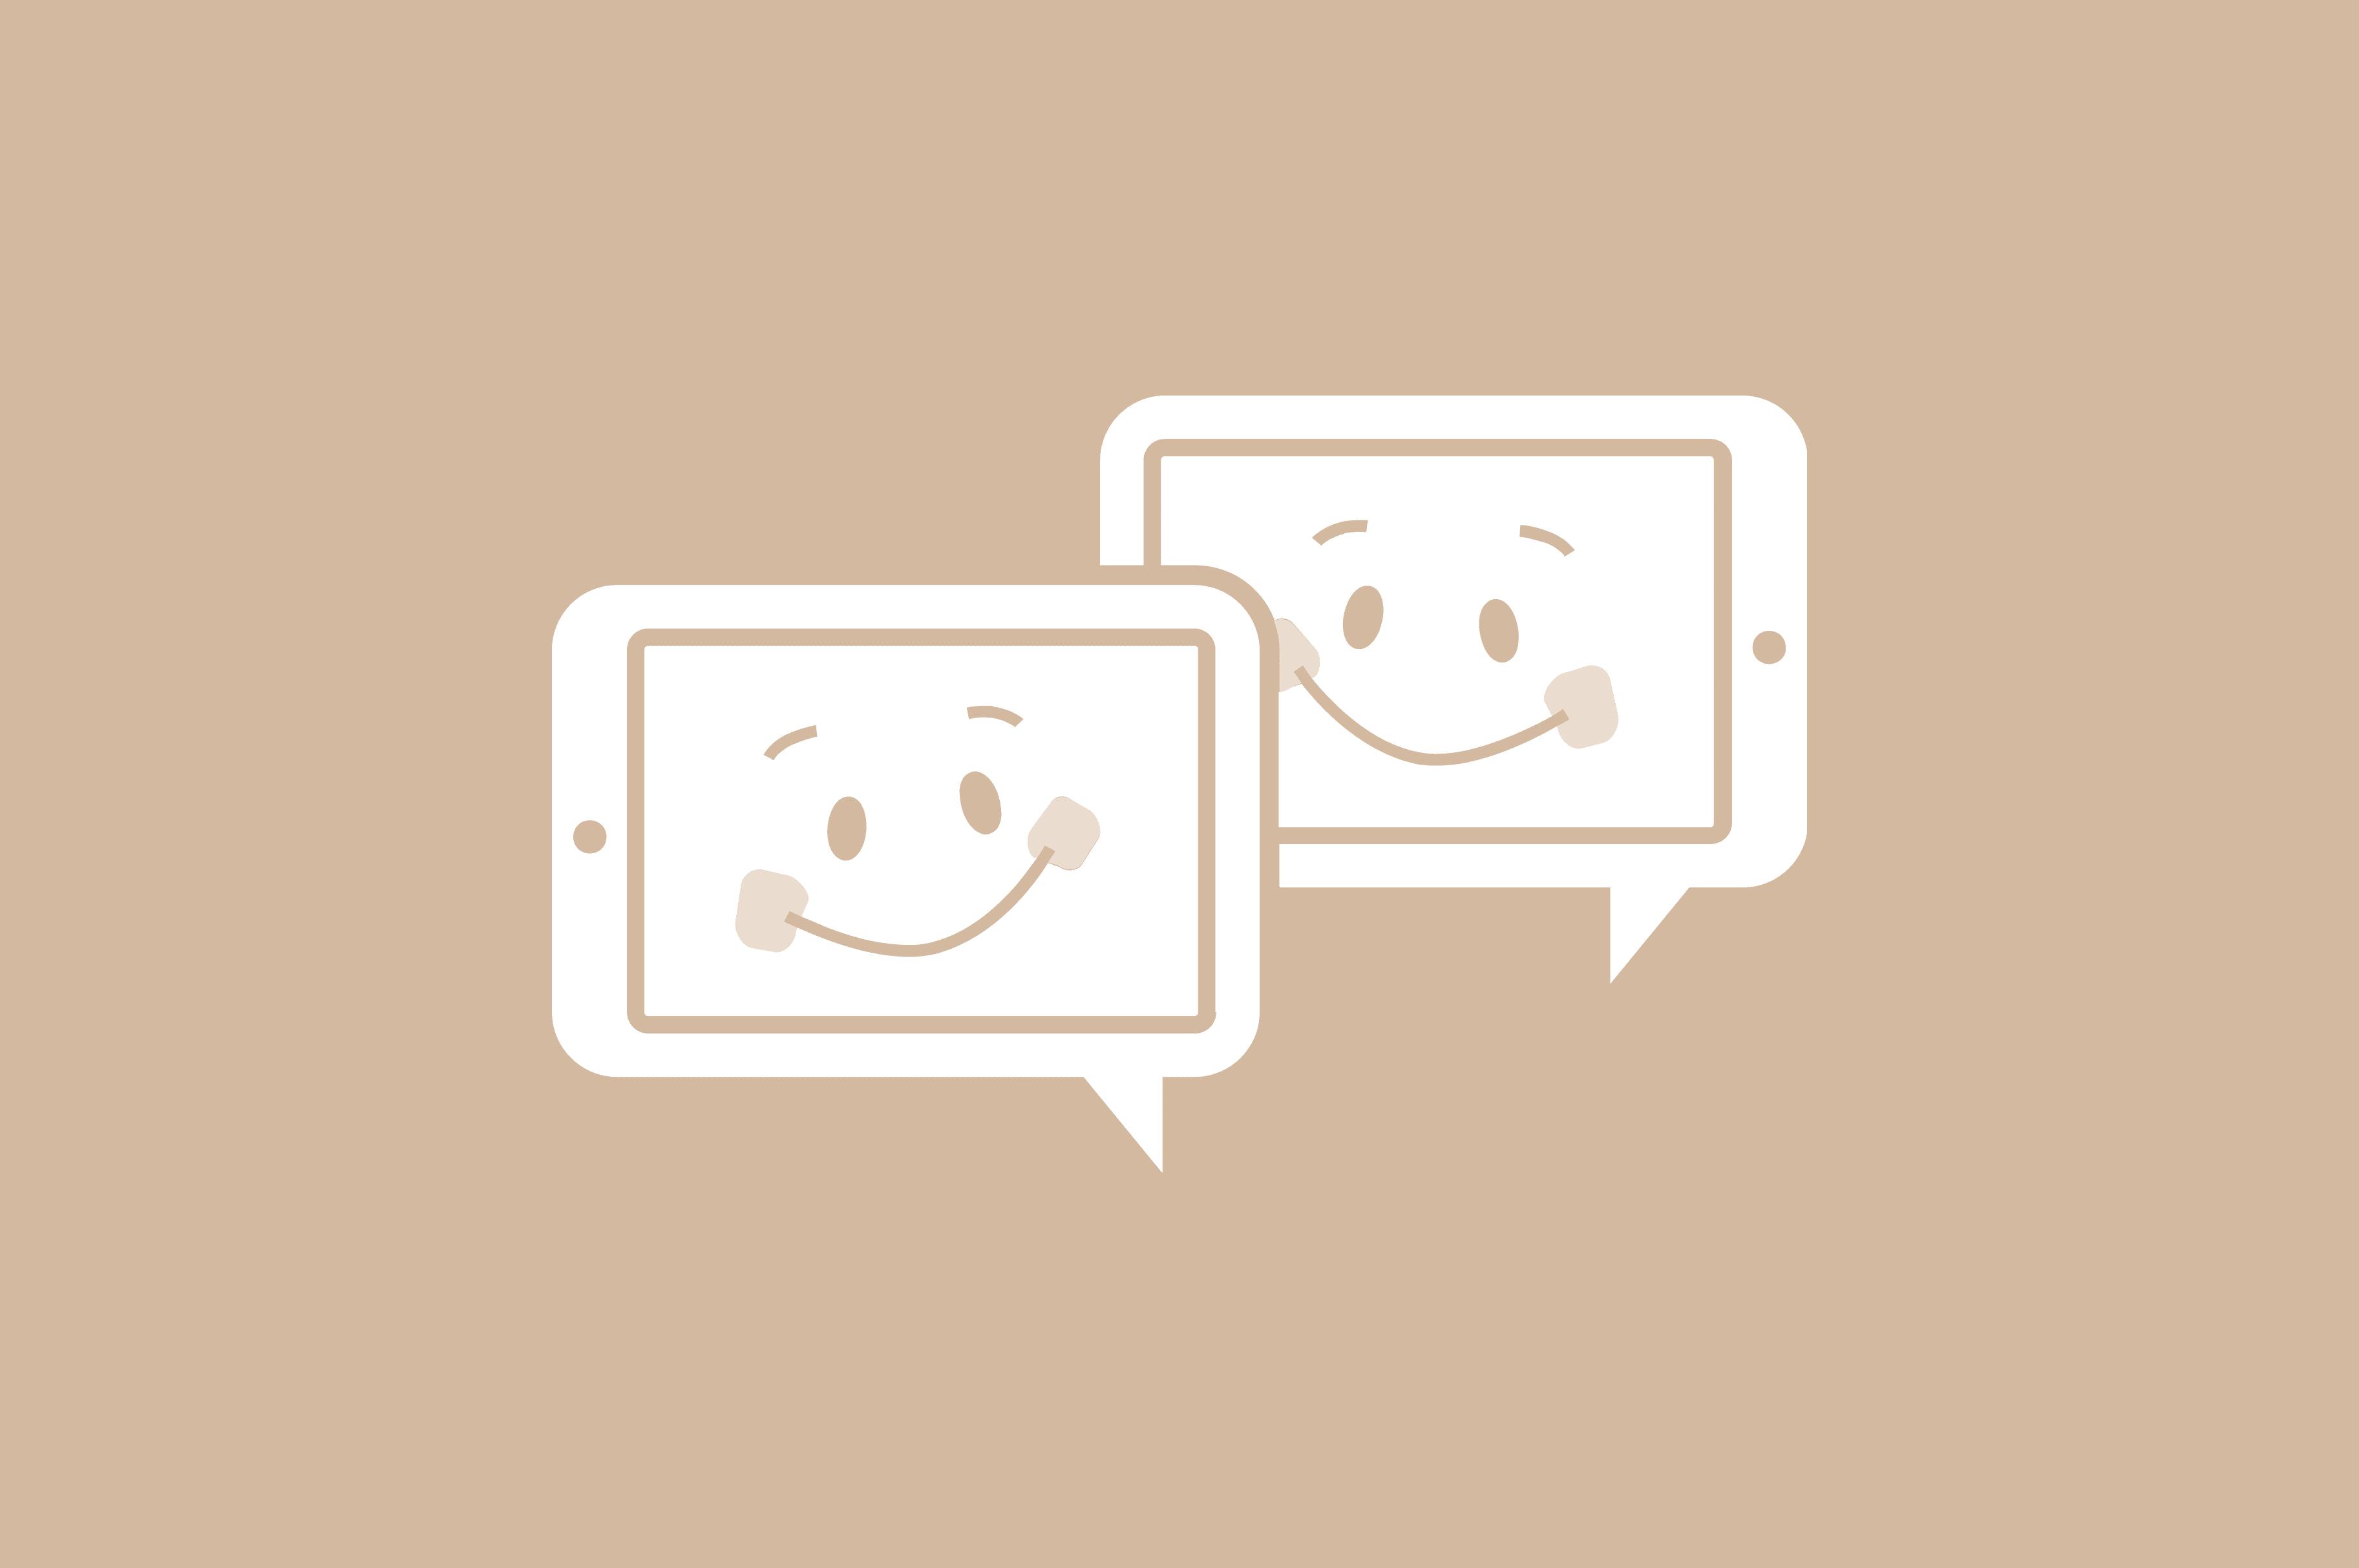 iPad chat icon